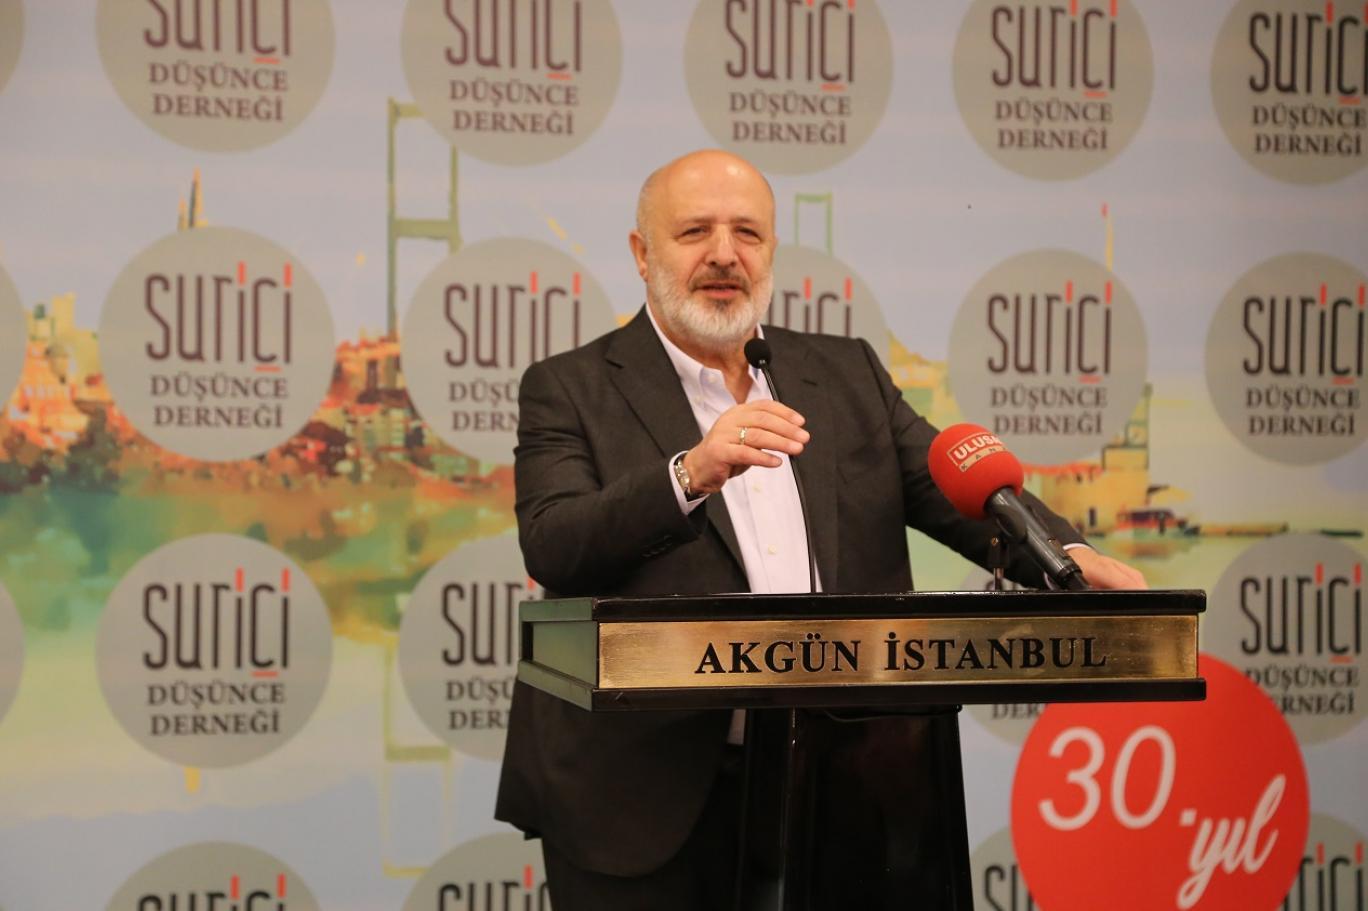 Ethem Sancak: Kılıçdaroğlu benim sayemde politikacı oldu, ben referans oldum